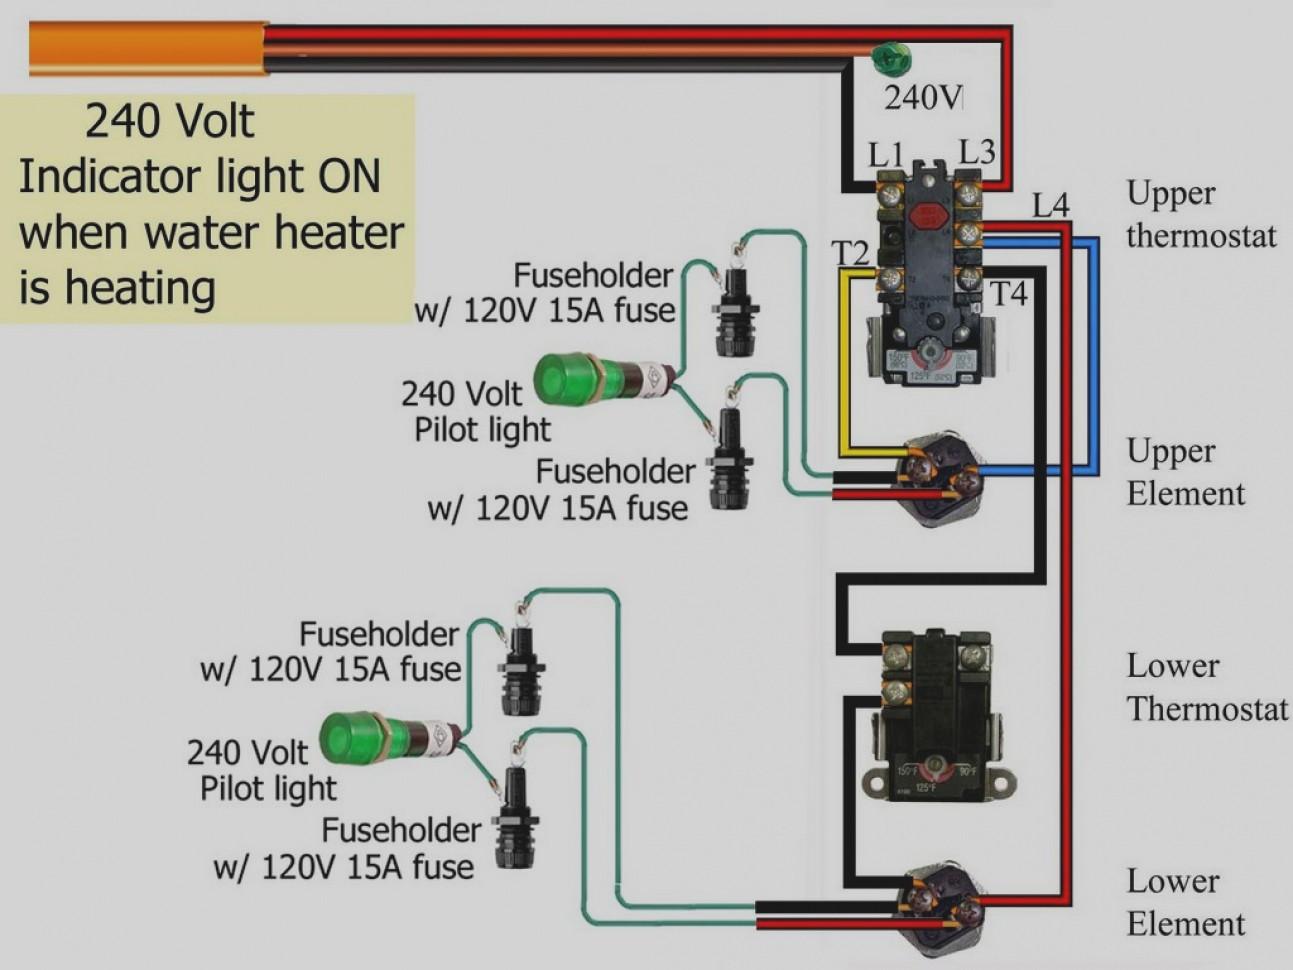 240 Volt Heater Wiring Diagram Unique | Wiring Diagram Image